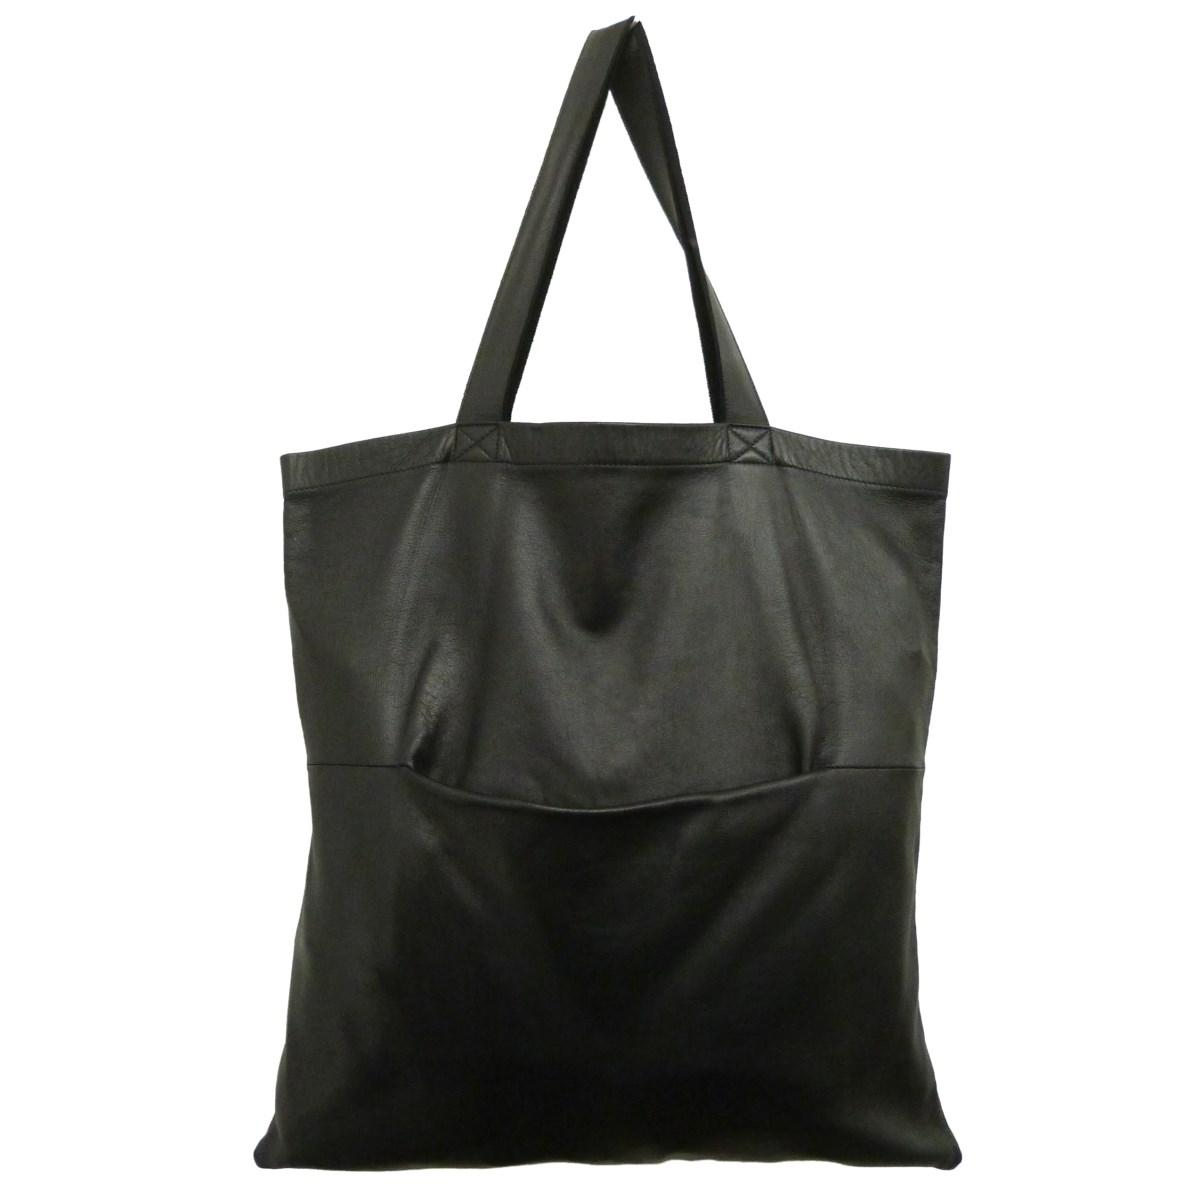 【中古】Rick Owensレザートートバッグ ブラック サイズ:-